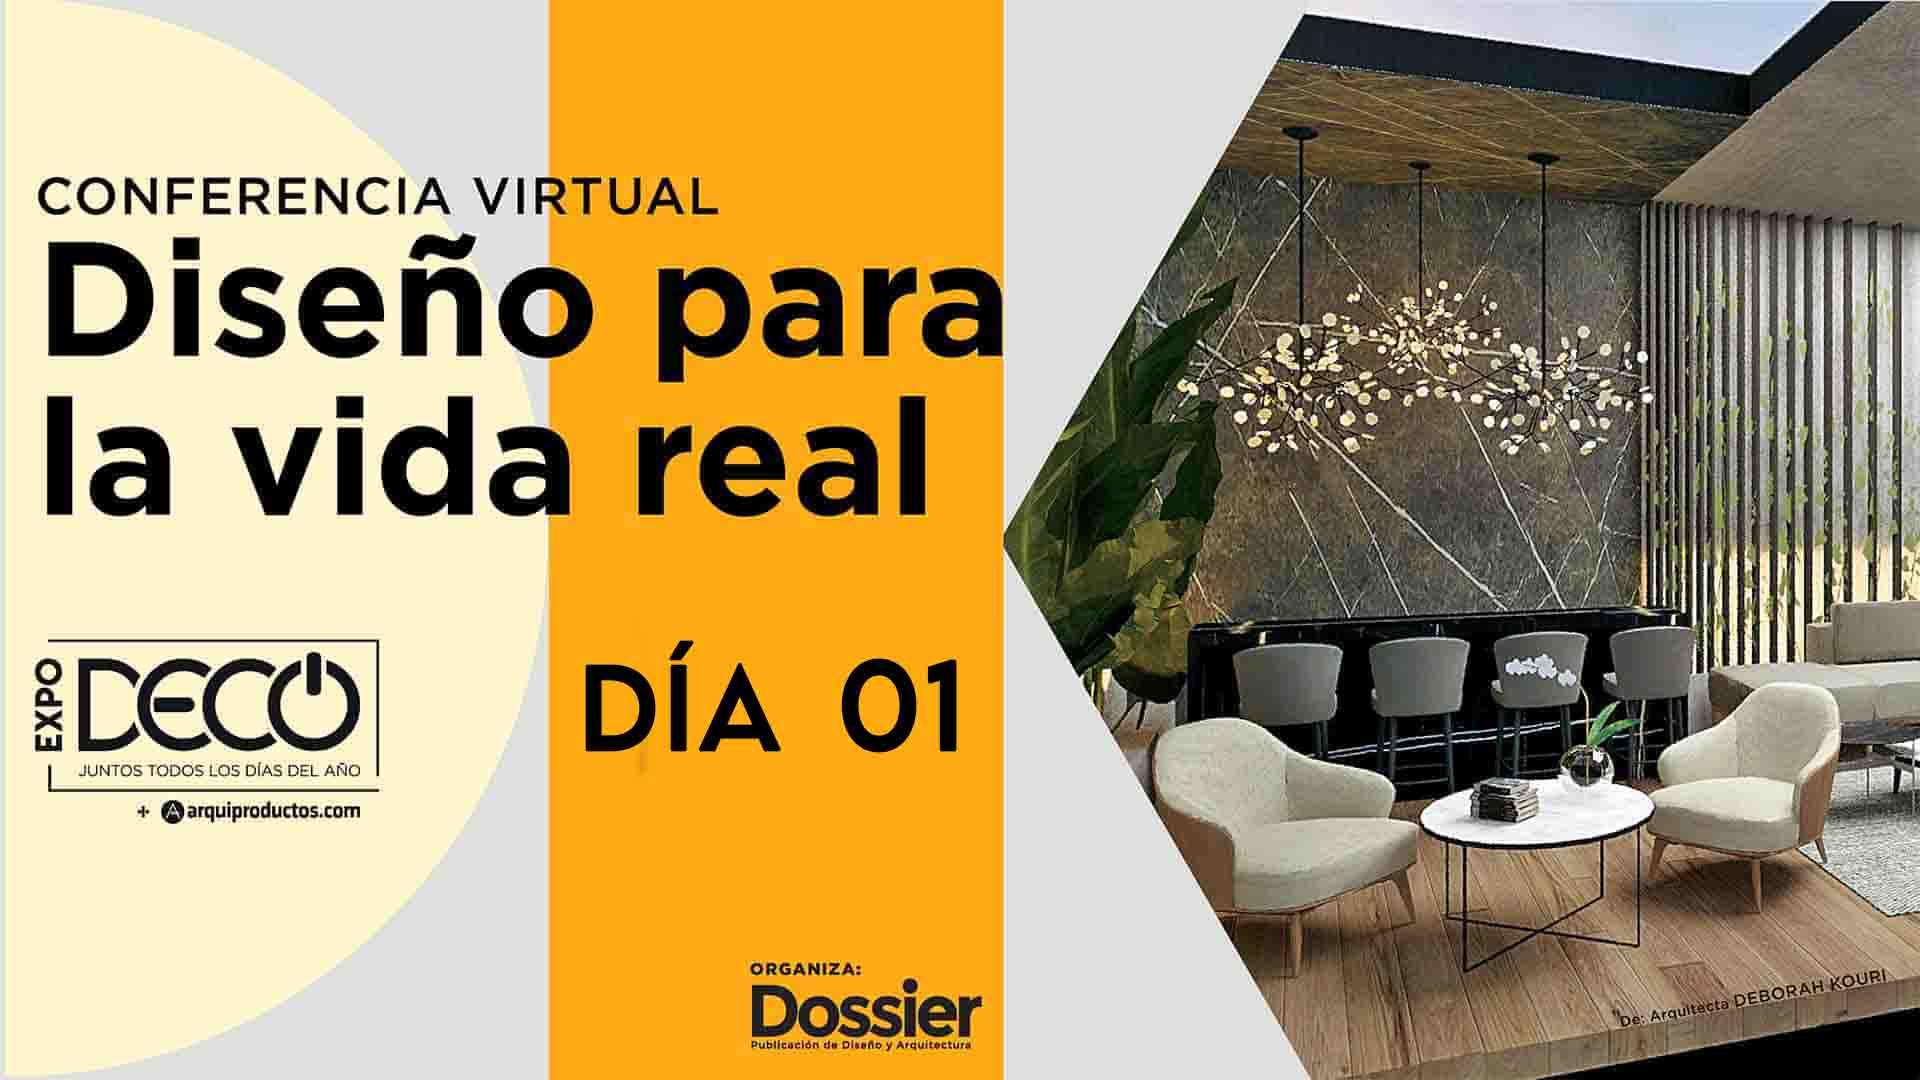 Conferencia virtual - Diseño para la vida real - Día 01